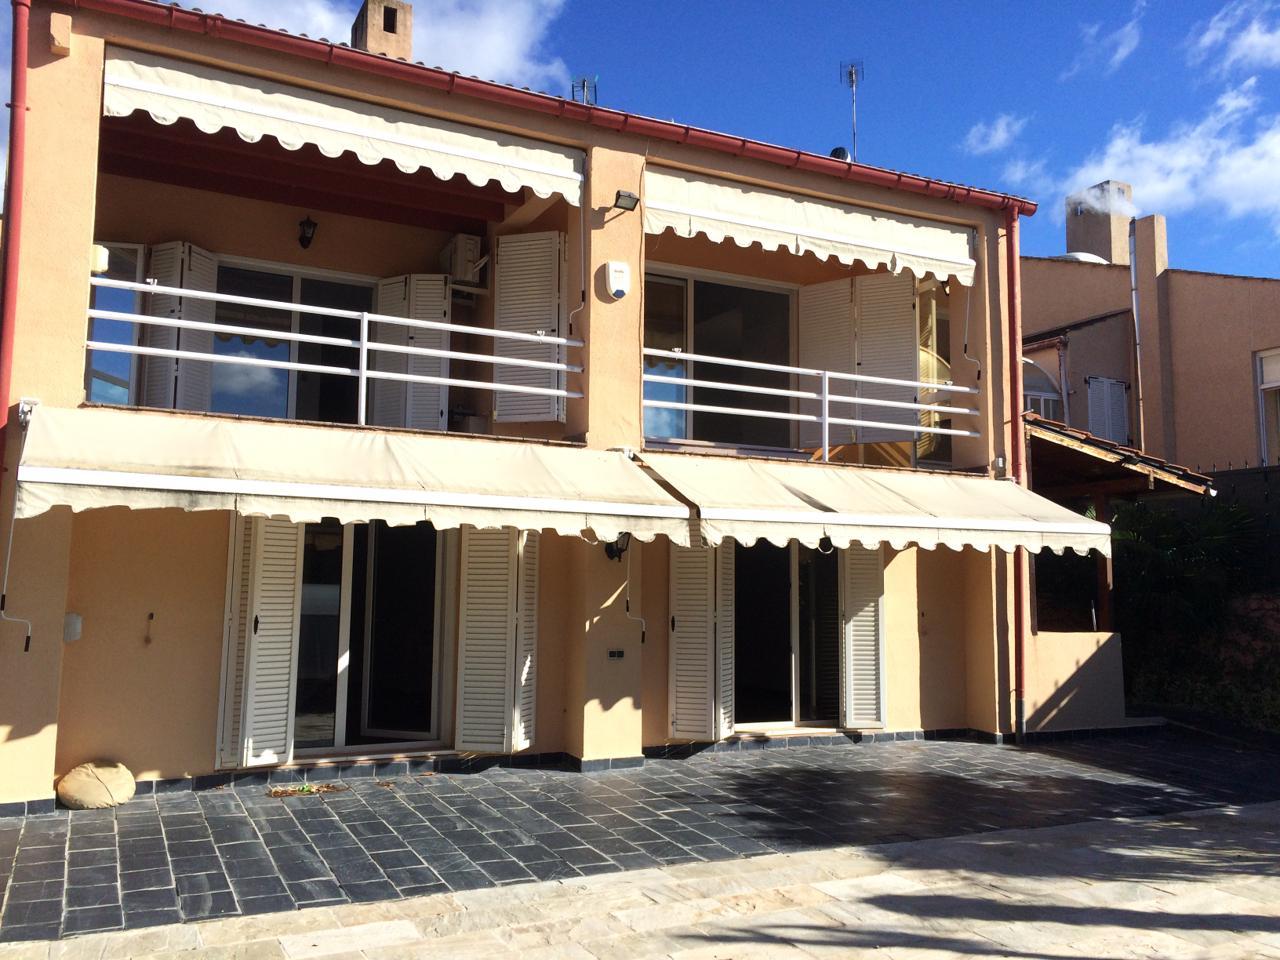 Royal house inmobiliaria casa chalet en venta en boadilla del monte de 378 m2 - Chalet en boadilla ...